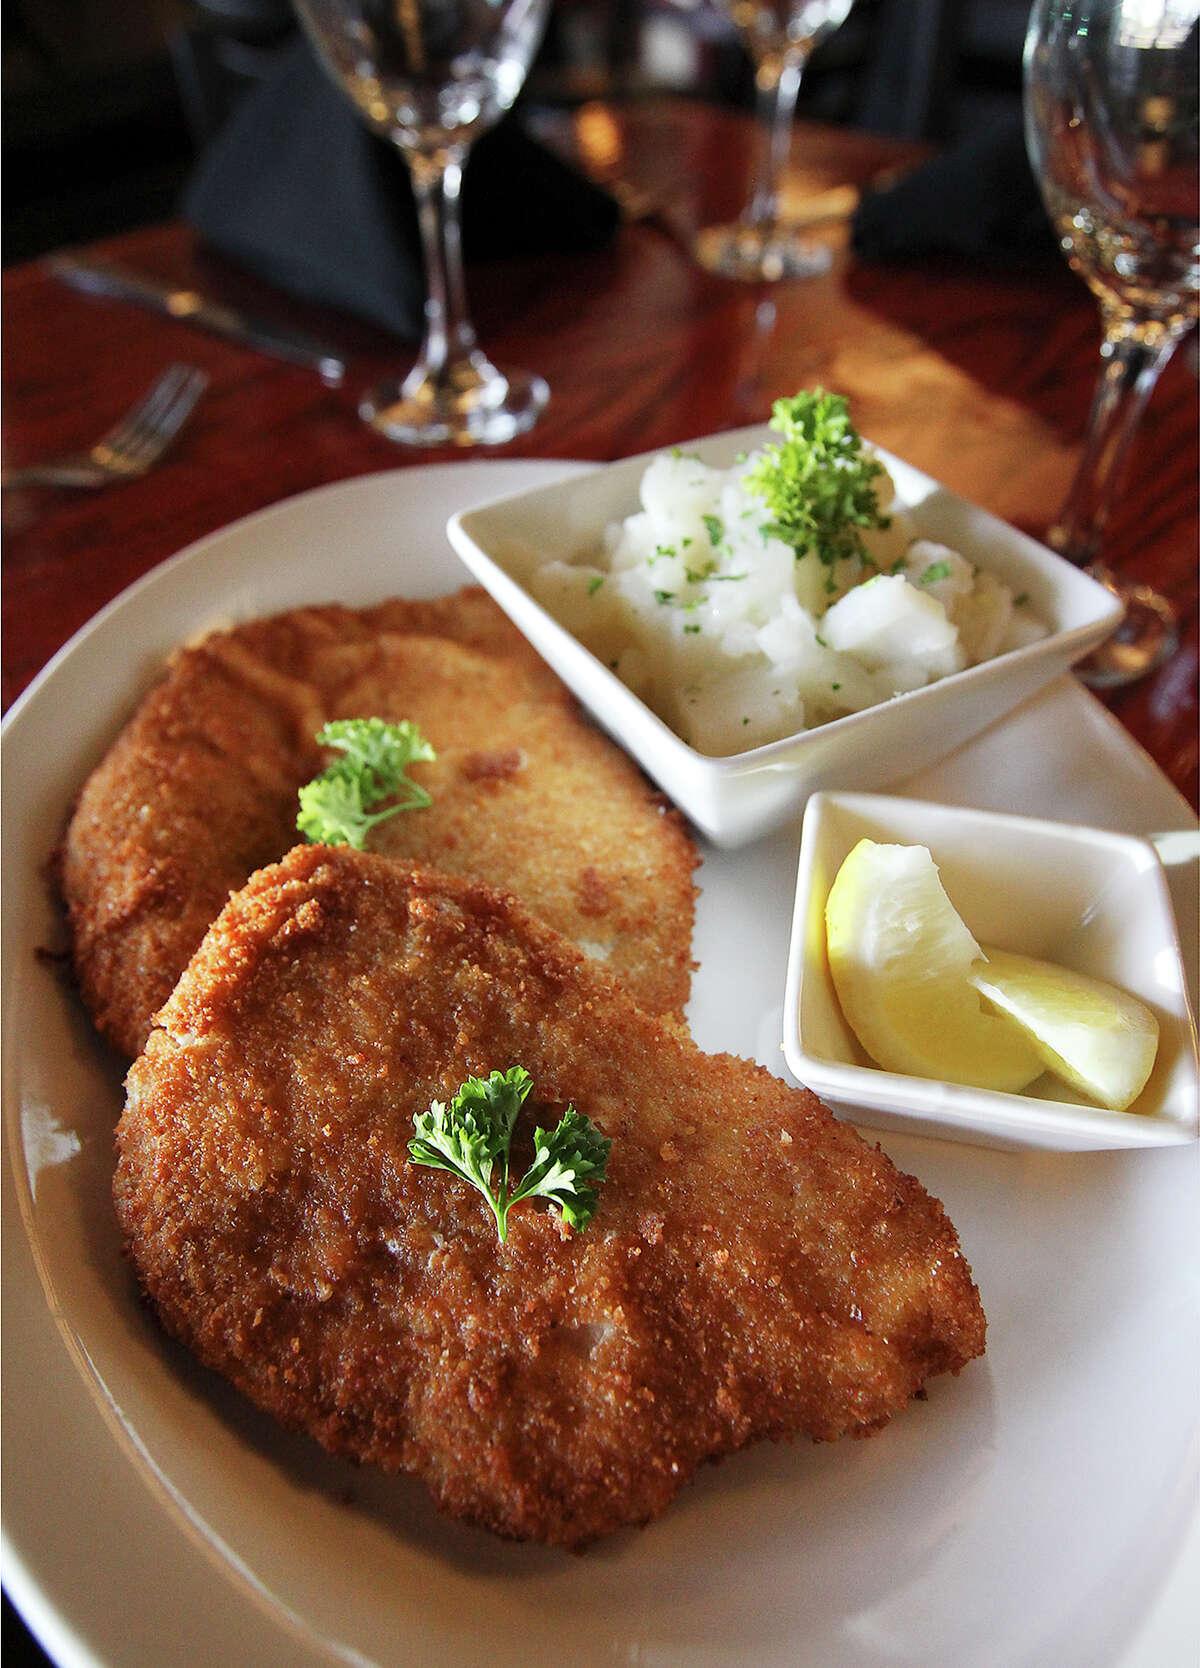 The Weiner Schnitzel from Speisen.